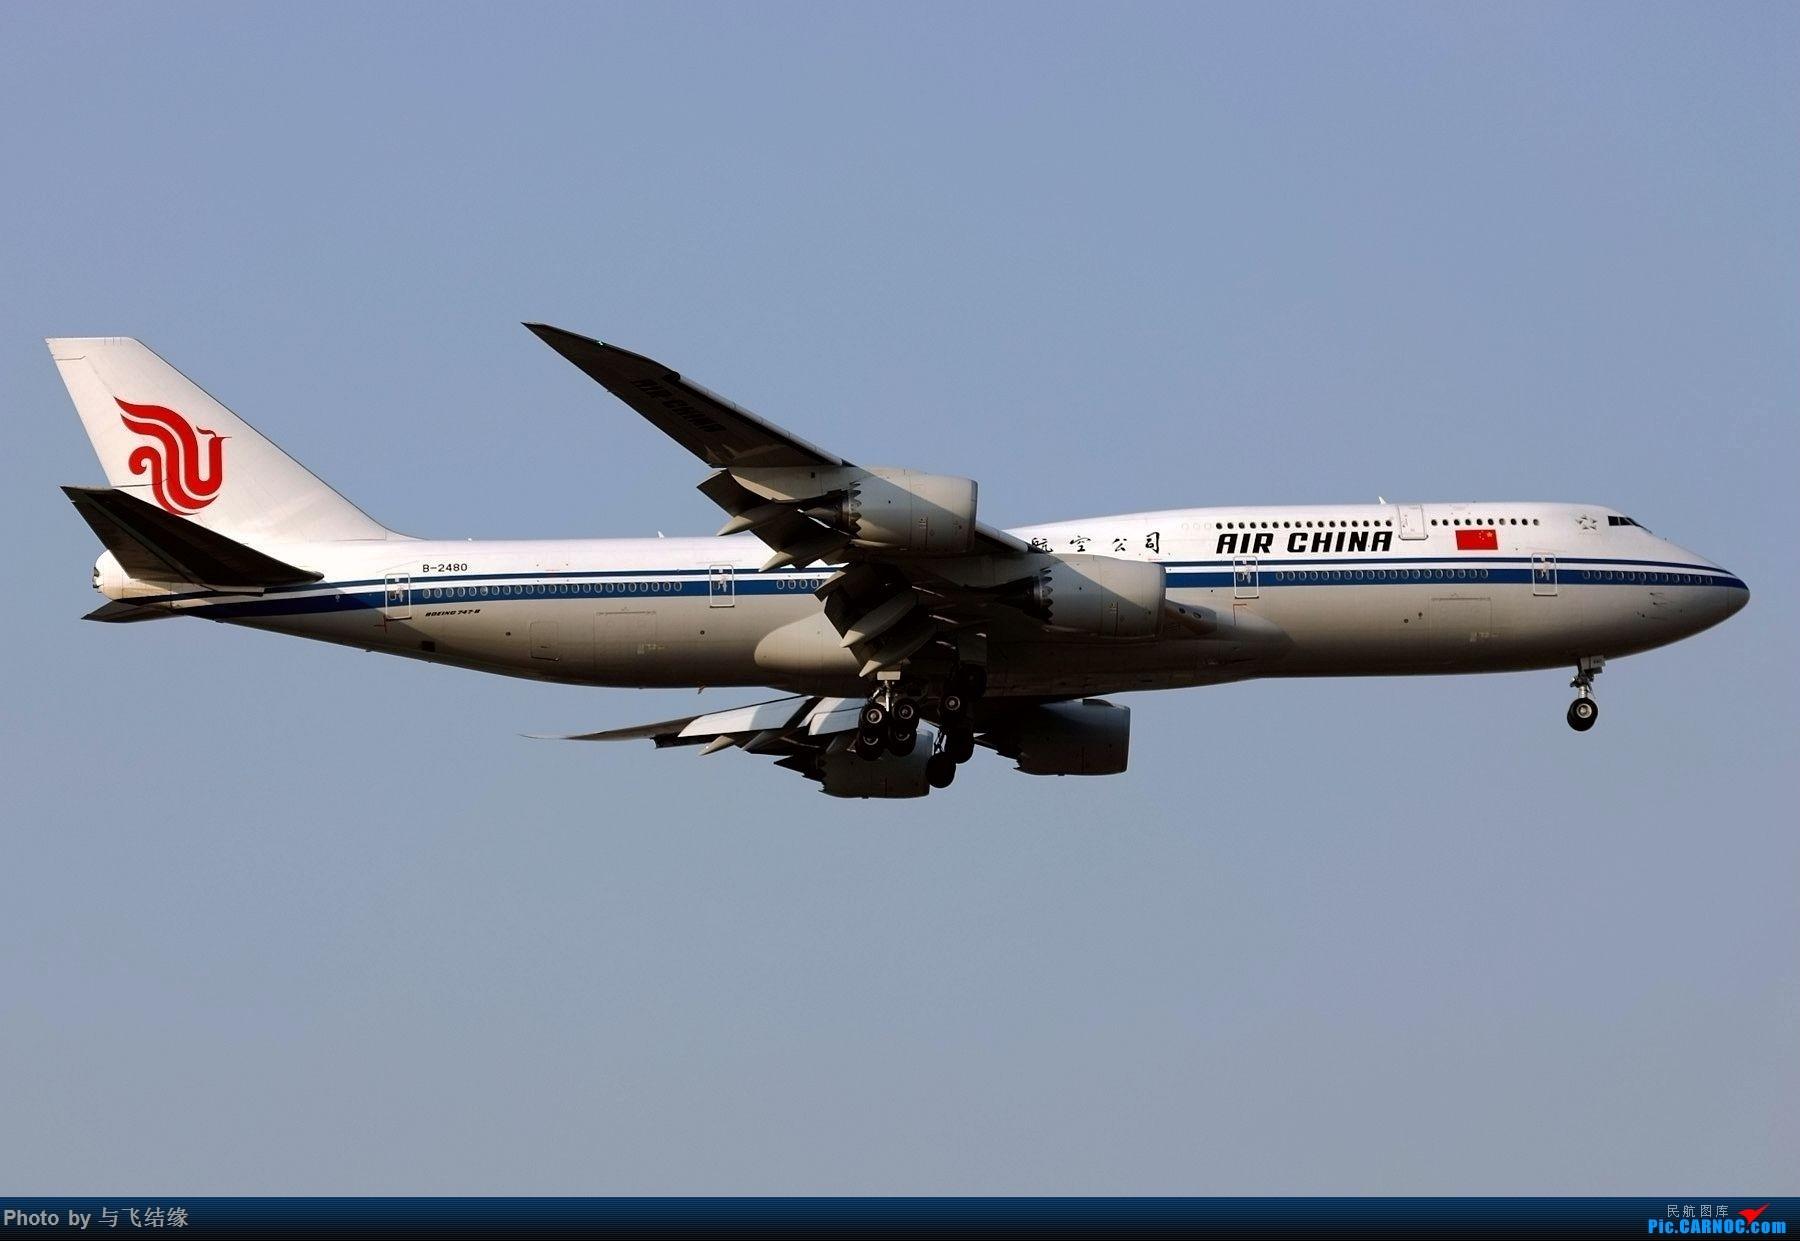 [原创]今日是周末,月末,年末2018年最后一贴,预祝朋友们2019年新年快乐!万事如意! BOEING 747-8I B-2480 中国北京首都国际机场